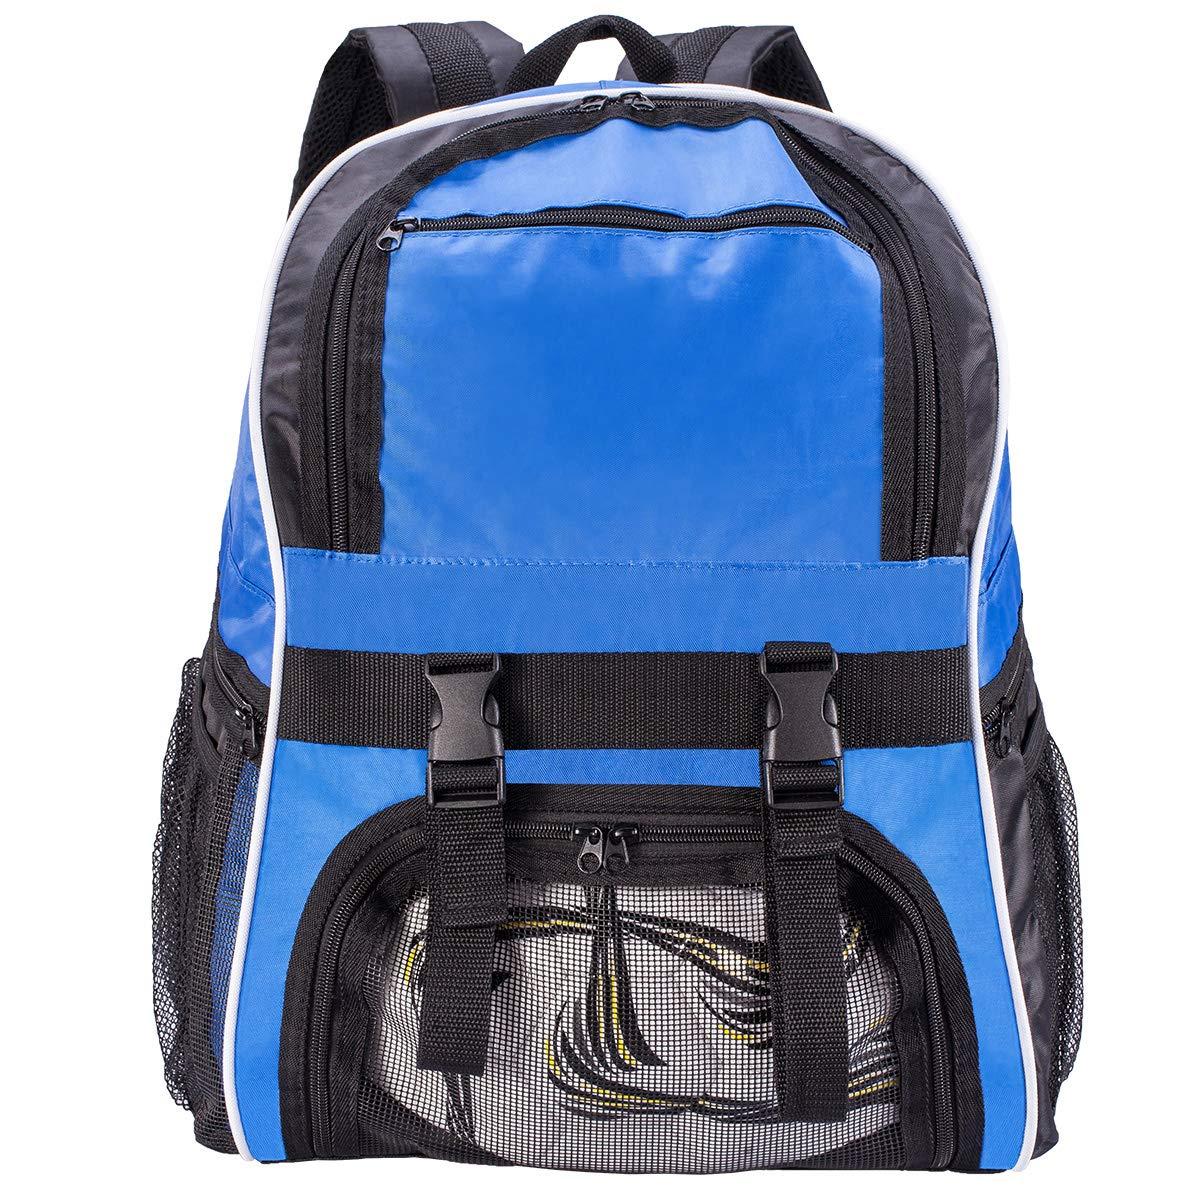 WOT I Soccer Backpack Basketball Backpack Sports Backpack for Soccer, Basketball, Football, Volleyball, Soccer Bags with Ball Holder Soccer Bag